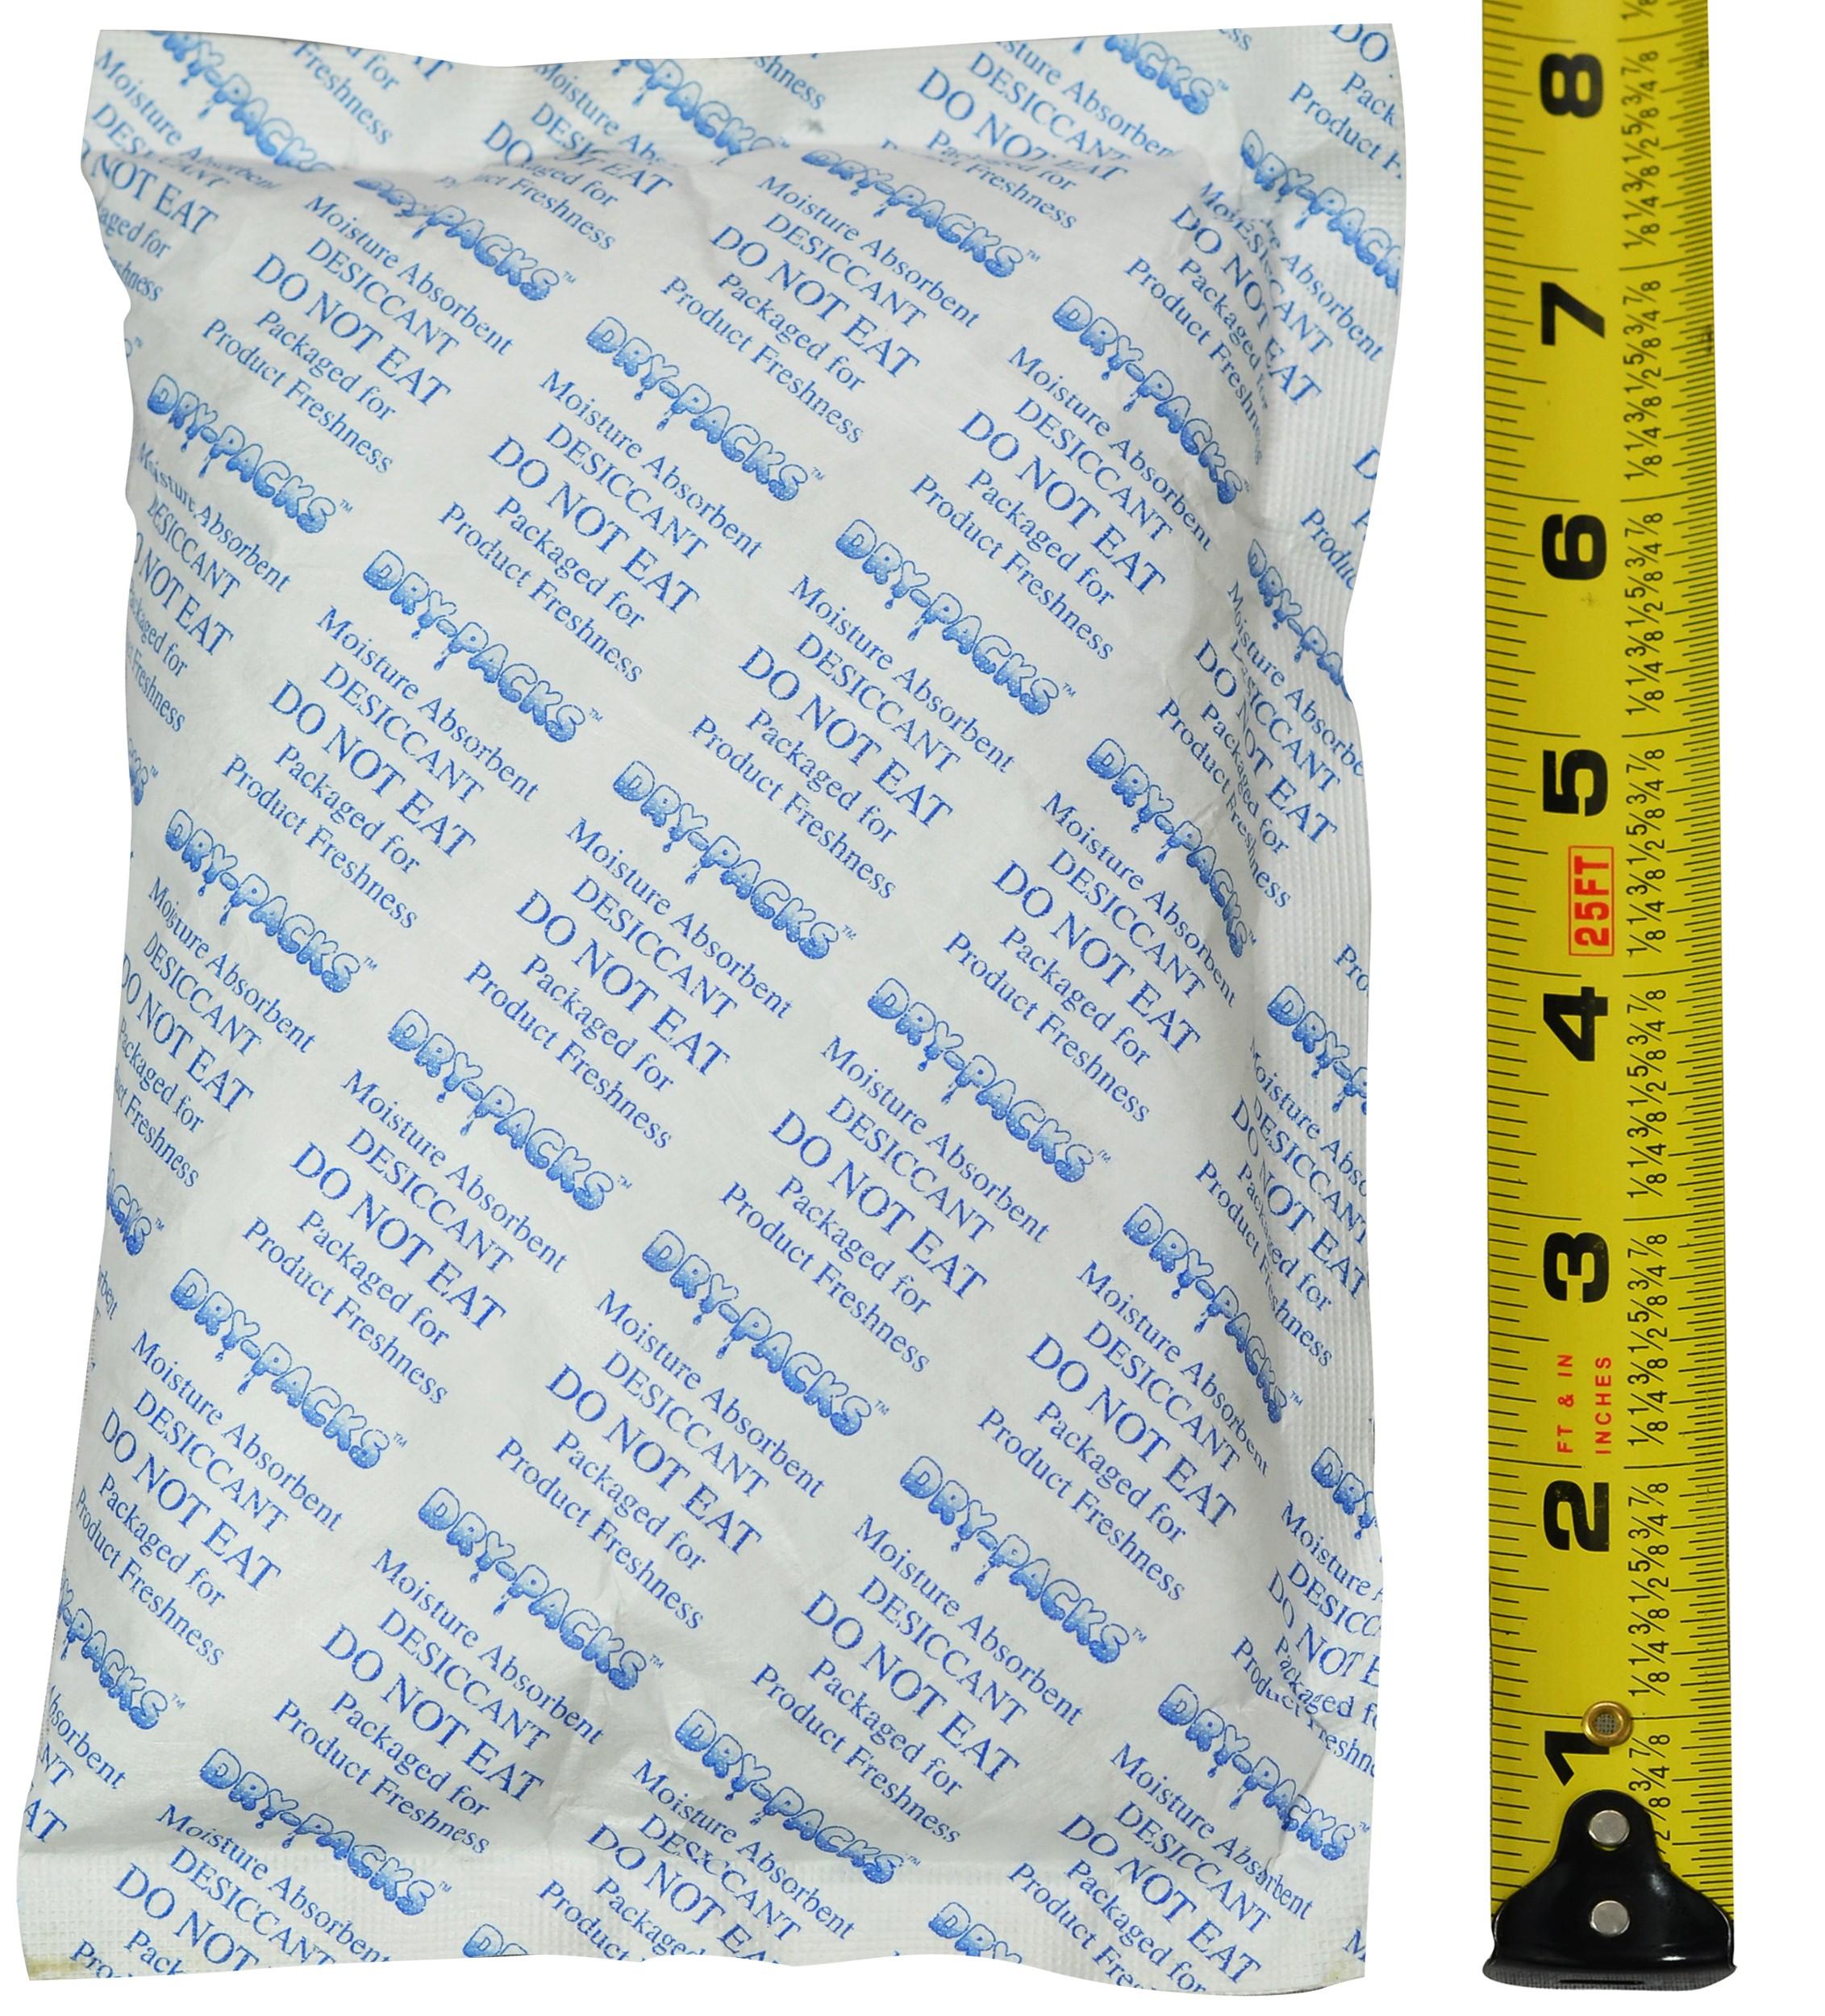 448 Gram (16 Unit) Silica Gel Packet - Tyvek